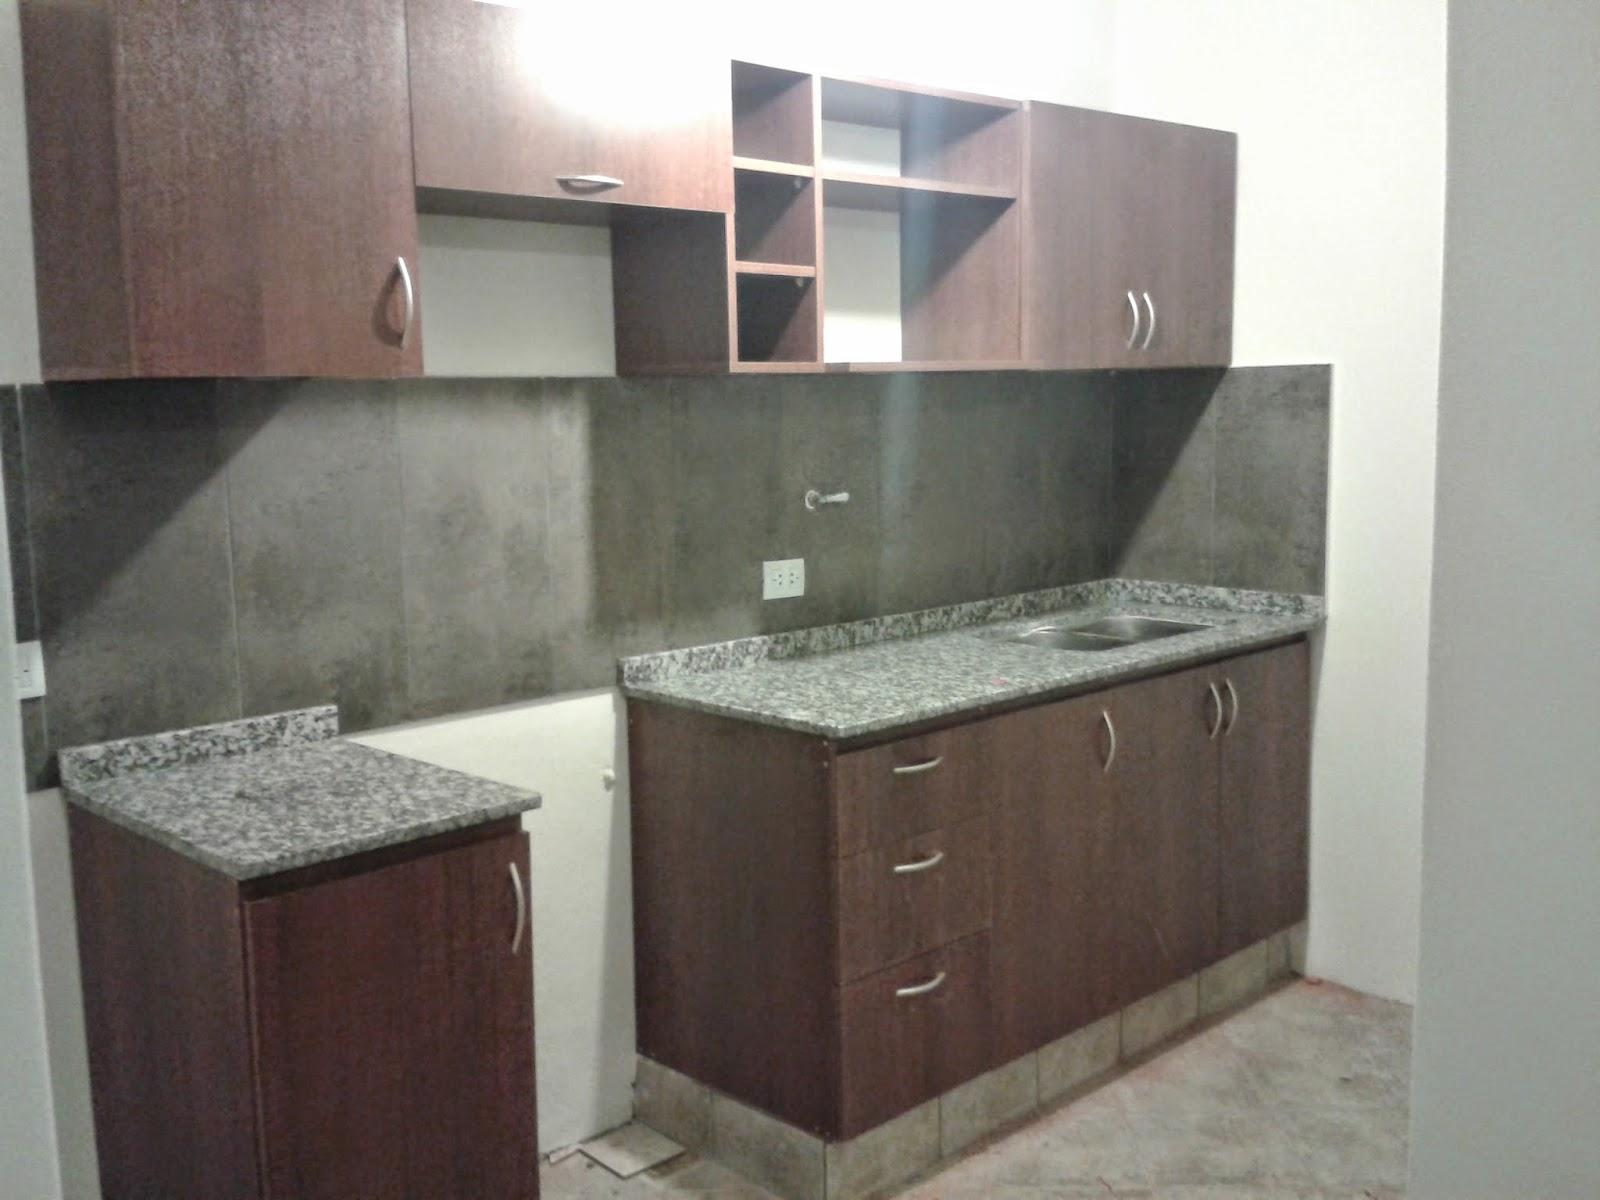 Mueble cocina nativa equipamiento - Colores para muebles de cocina ...